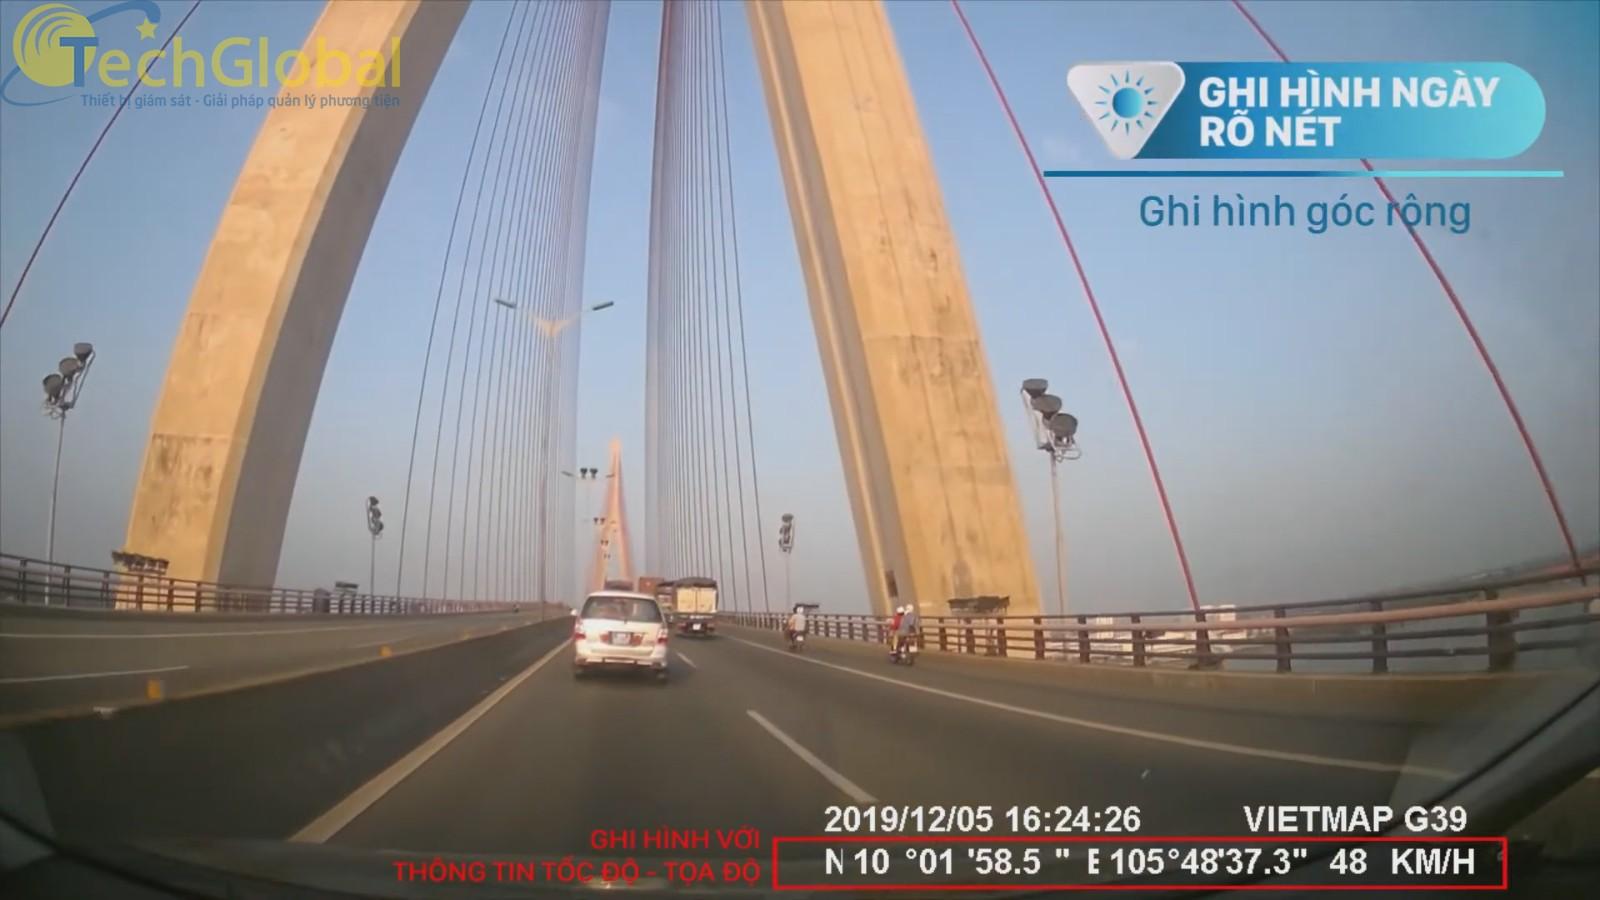 Vietmap G39 ghi hình rõ nét ban ngày với thông tin tốc độ, toạ độ chi tiết